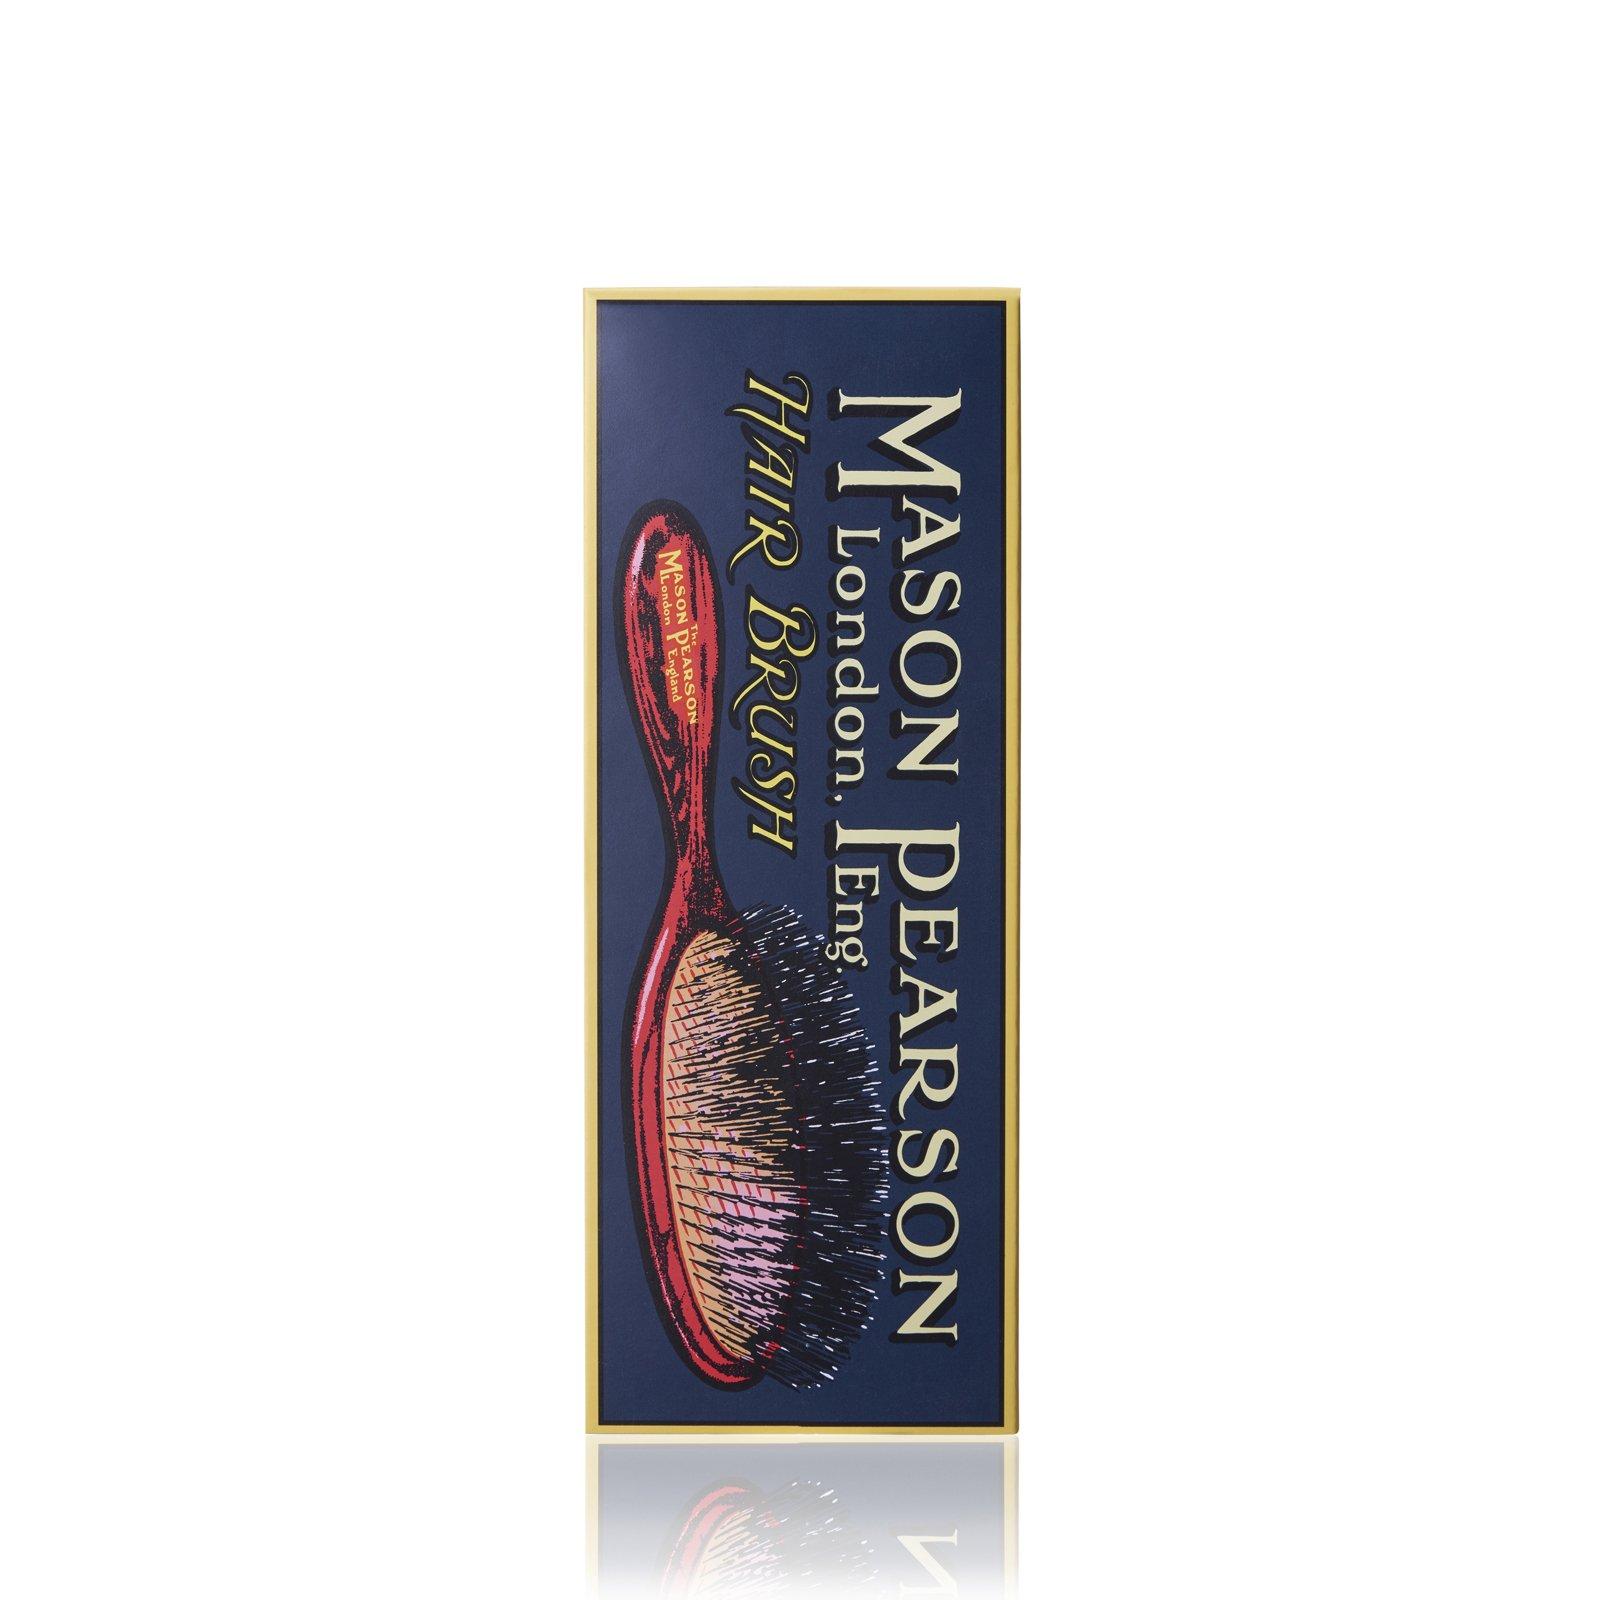 B2 Small Xtra Hairbrush from Mason Pearson (Wood)